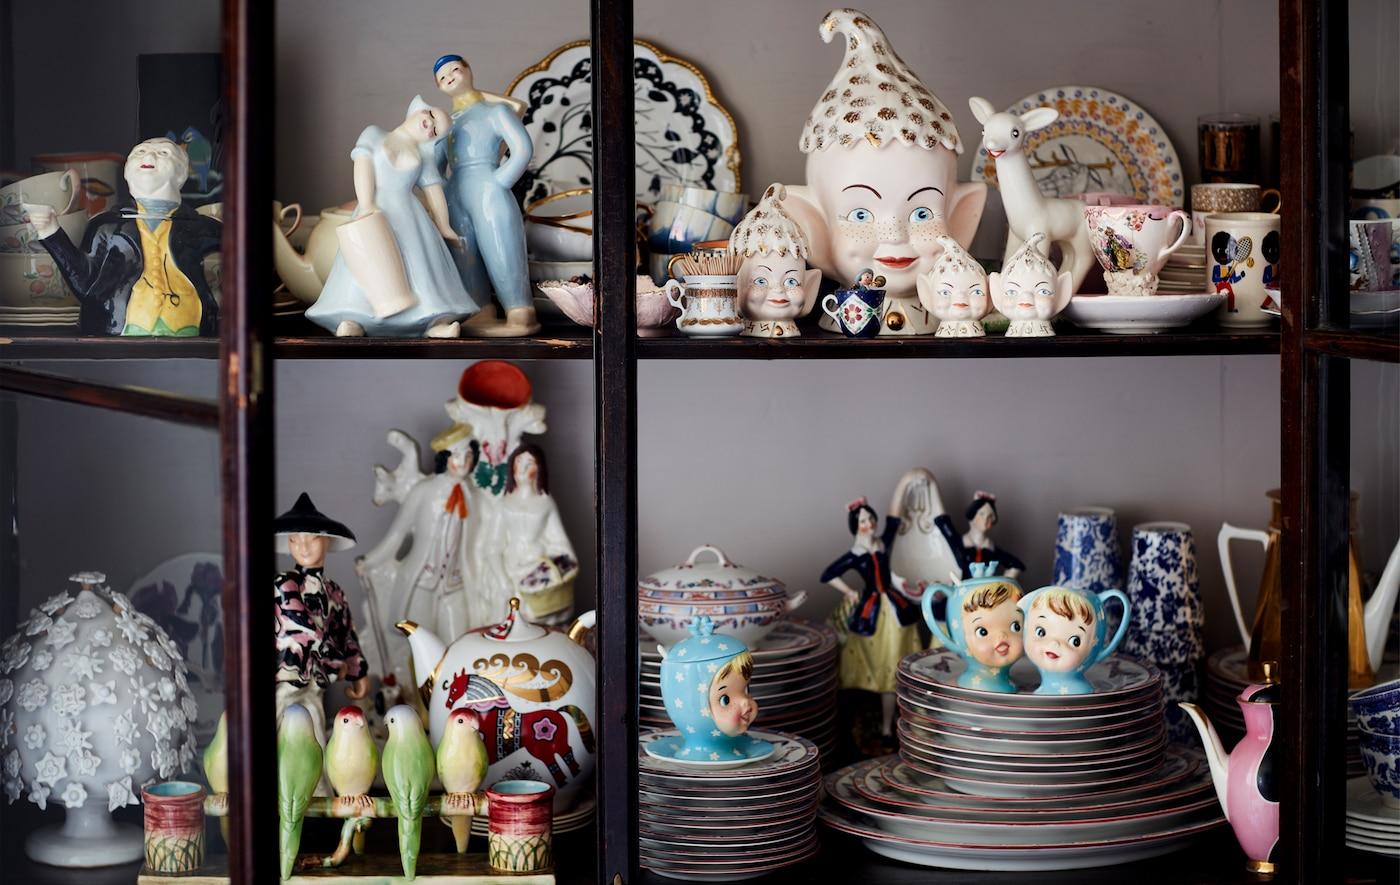 Kolekcja chińskich ozdób w witrynie.